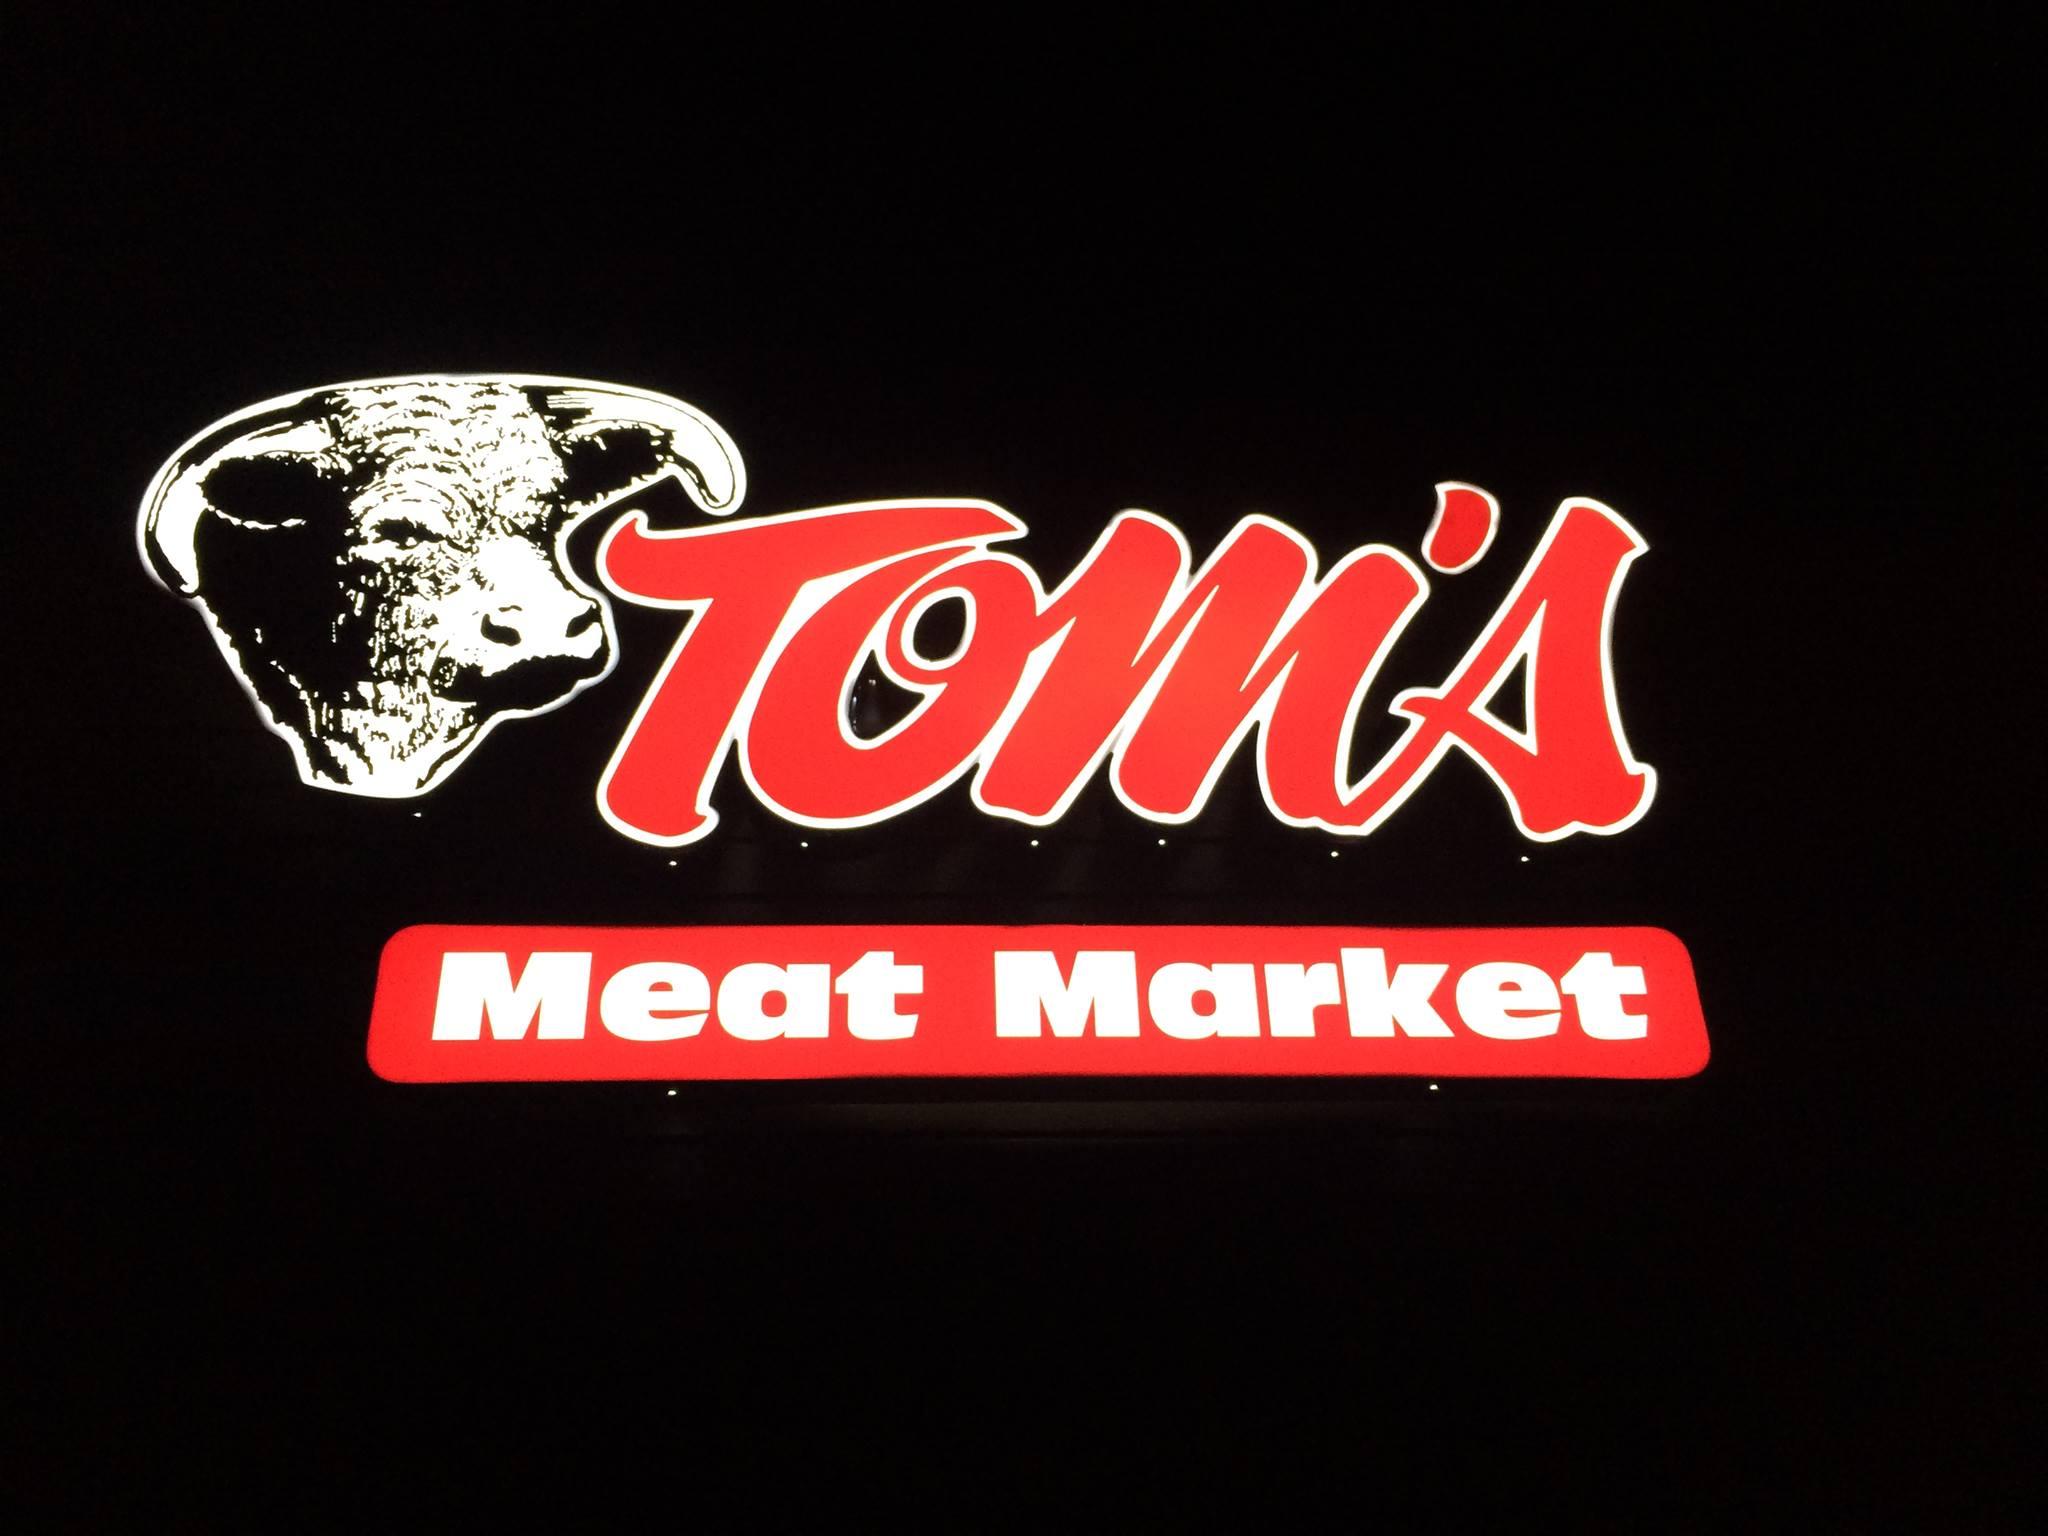 11021362_830600356995284_9030954763395140915_otoms meat market.jpg